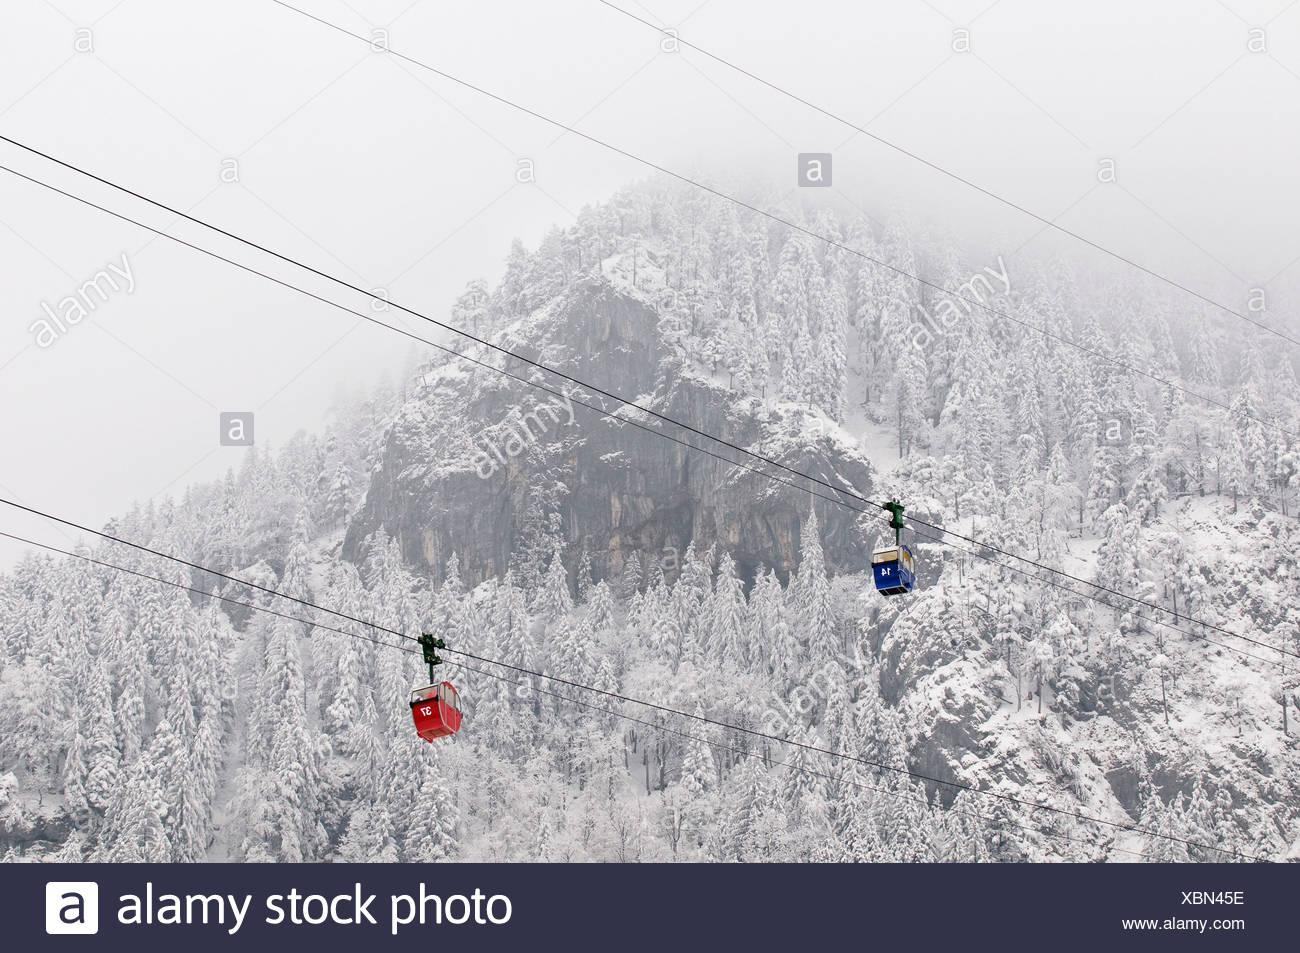 Zwei Autos der Kampenwandbahn Seilbahn vor einem schneebedeckten Berg, Aschau, Chiemgau, Bayern, Deutschland, Europa Stockbild